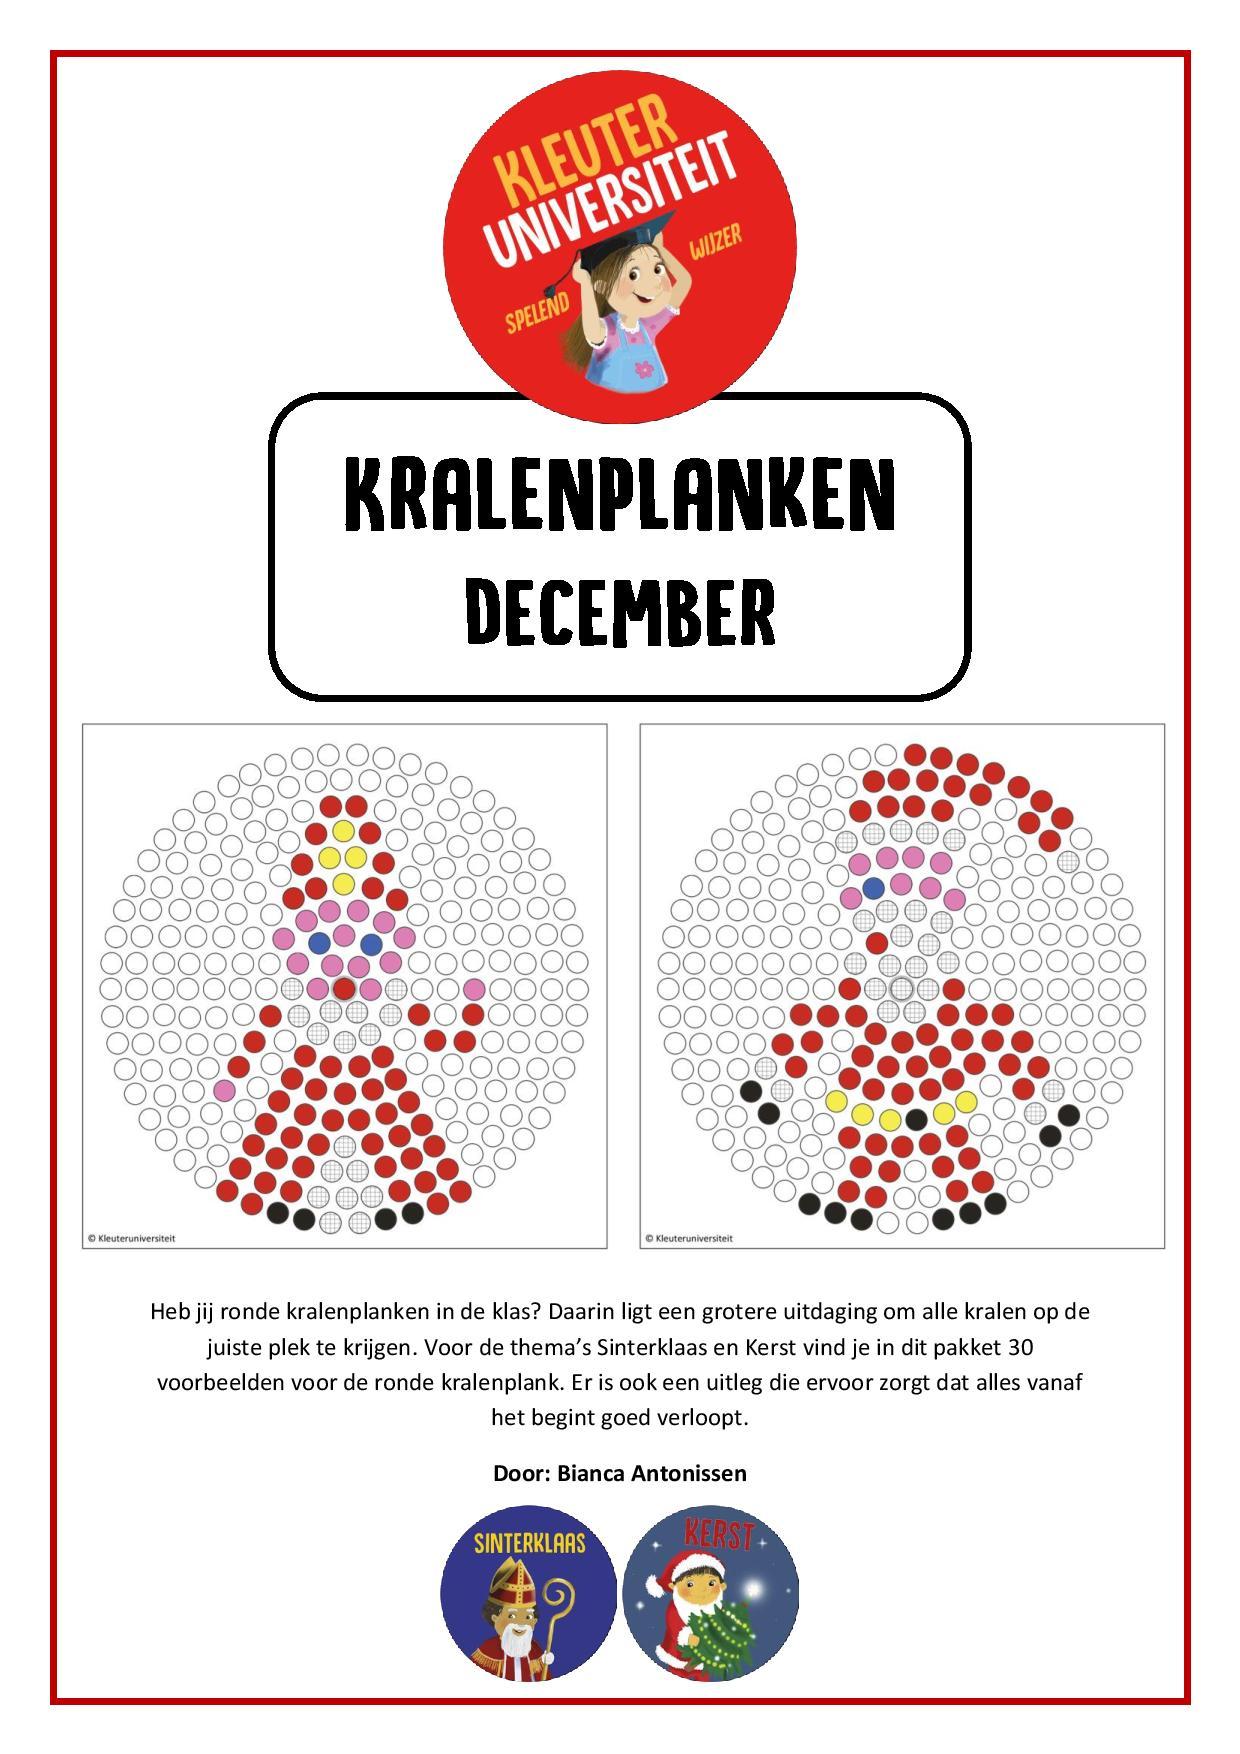 Kralenplanken december - Juf Bianca bij Kleuteruniversiteit